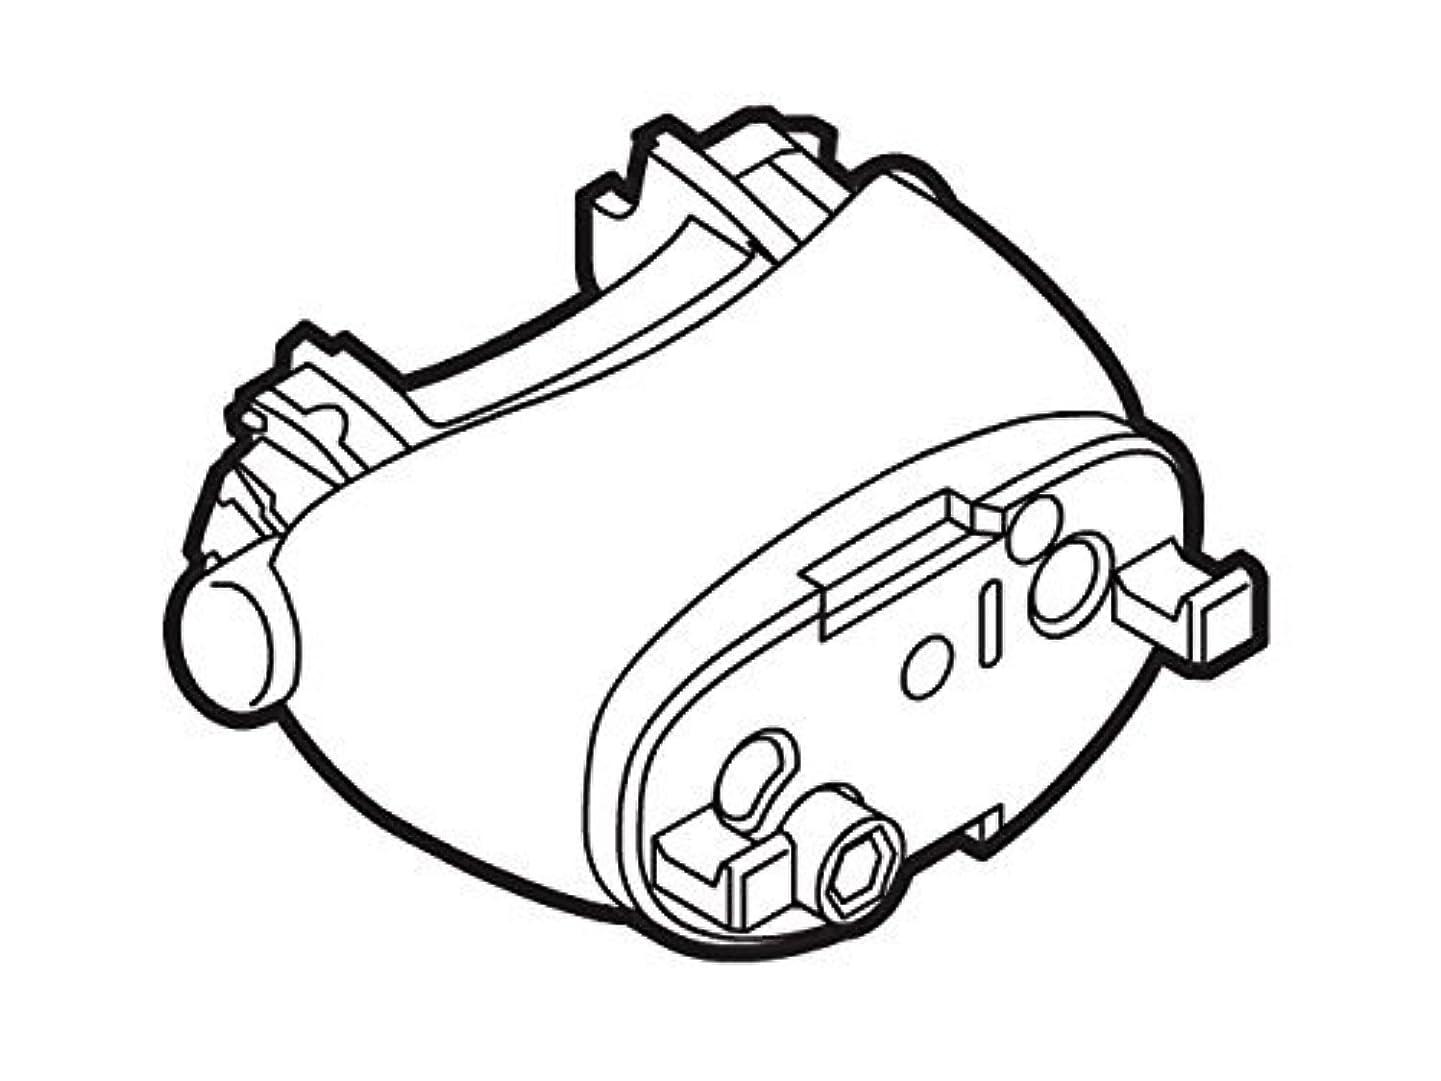 ハイランドロードされた九時四十五分Panasonic 角質クリアヘッド駆動部 ESED91W4067